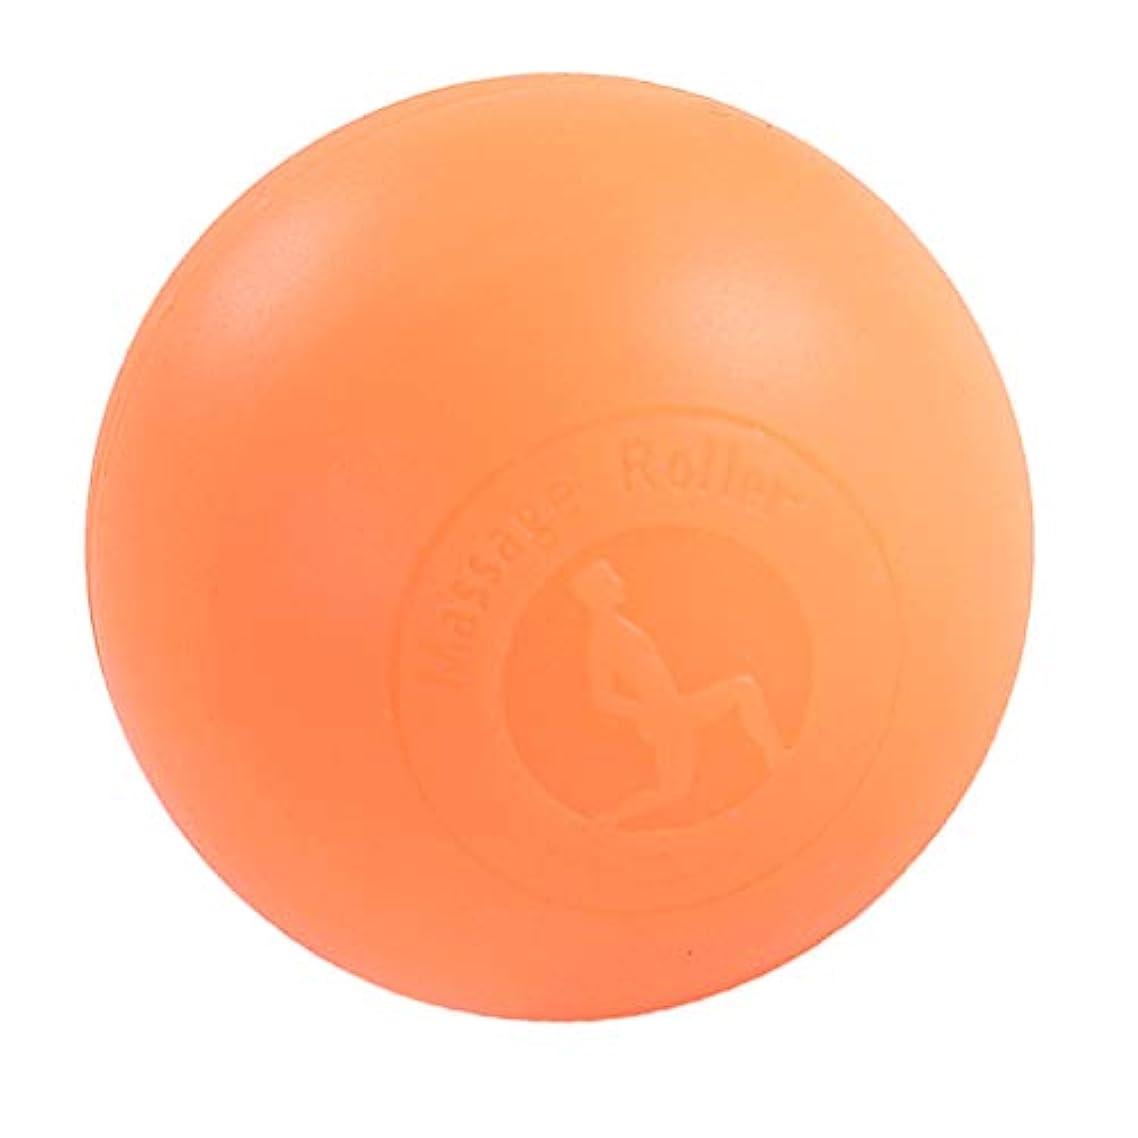 不安定農奴材料Baoblaze ラクロスマッサージボール ボディマッサージャー トリガーマッサージ ポイントマッサージ 2色選べ - オレンジ